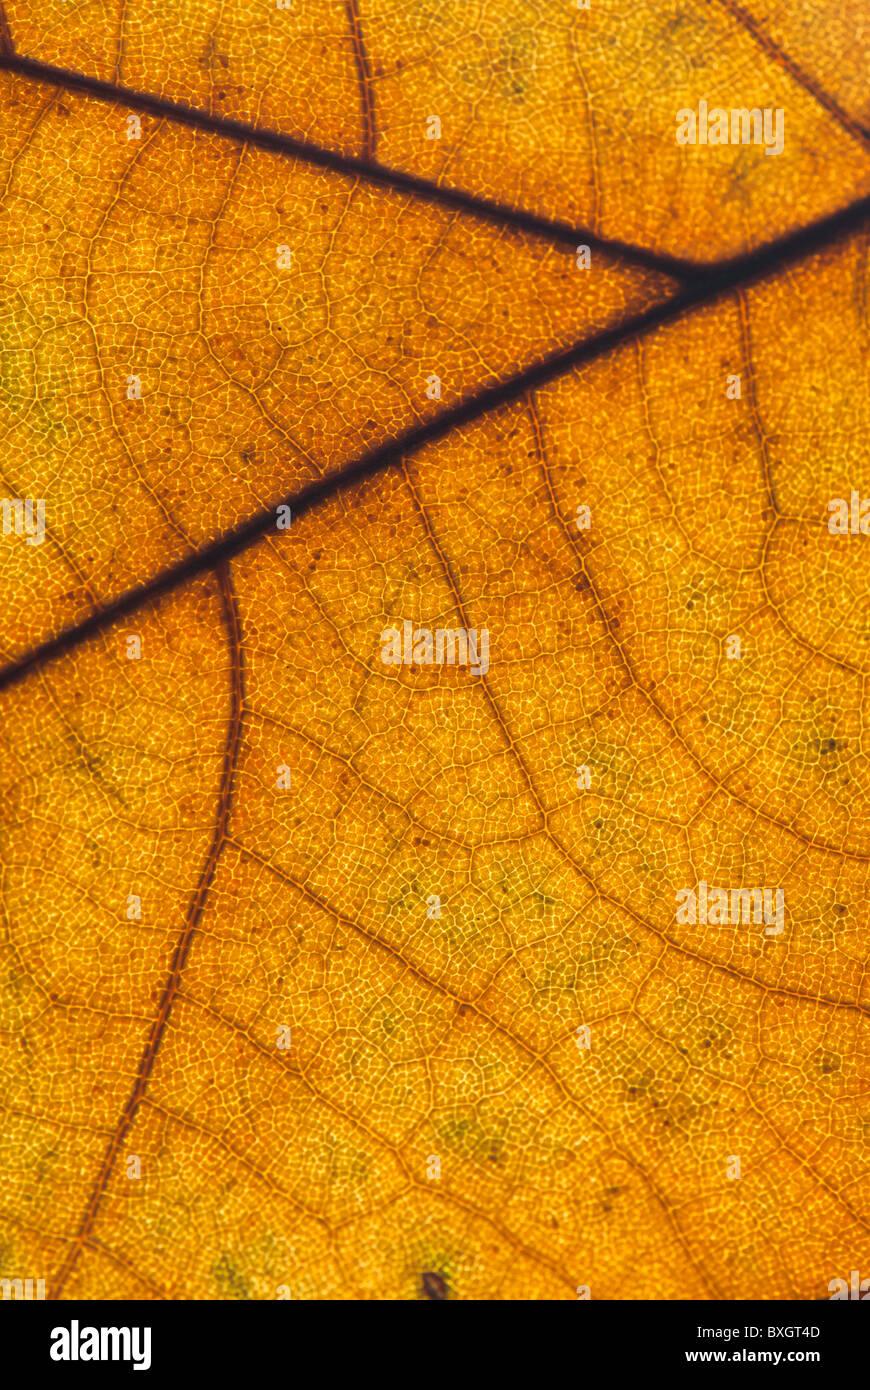 Plan Macro sur un automne feuille de platane Photo Stock